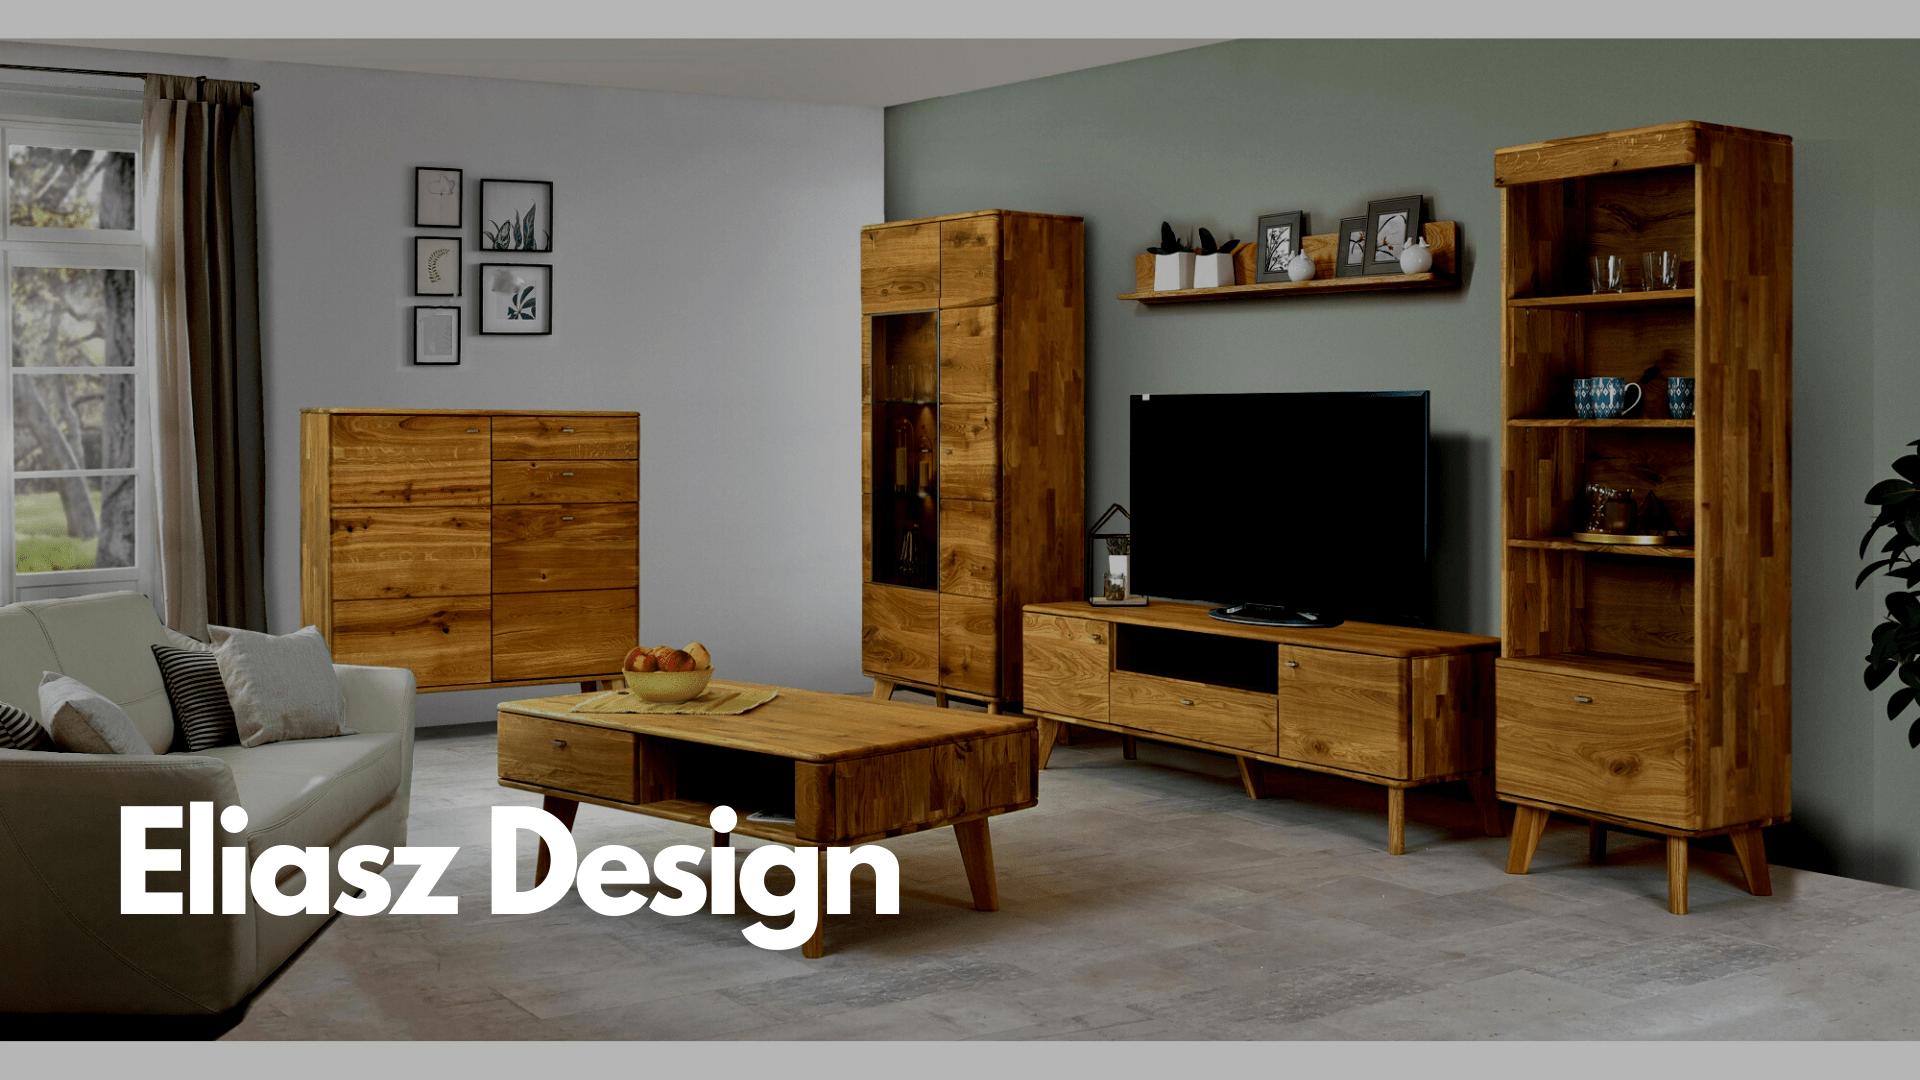 Eliasz Design